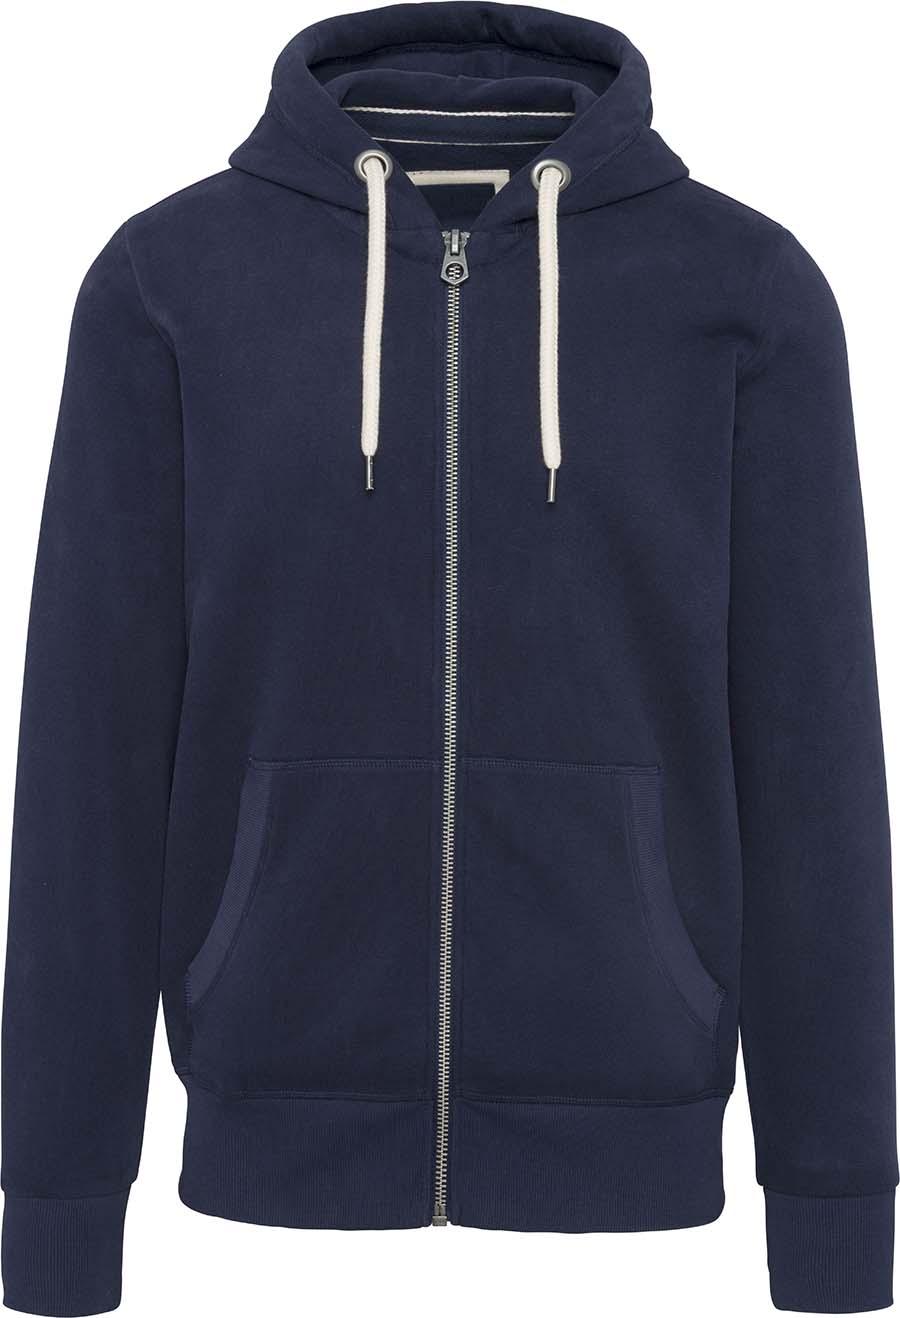 Sweat-shirt vintage zippé à capuche homme - 2-1530-10